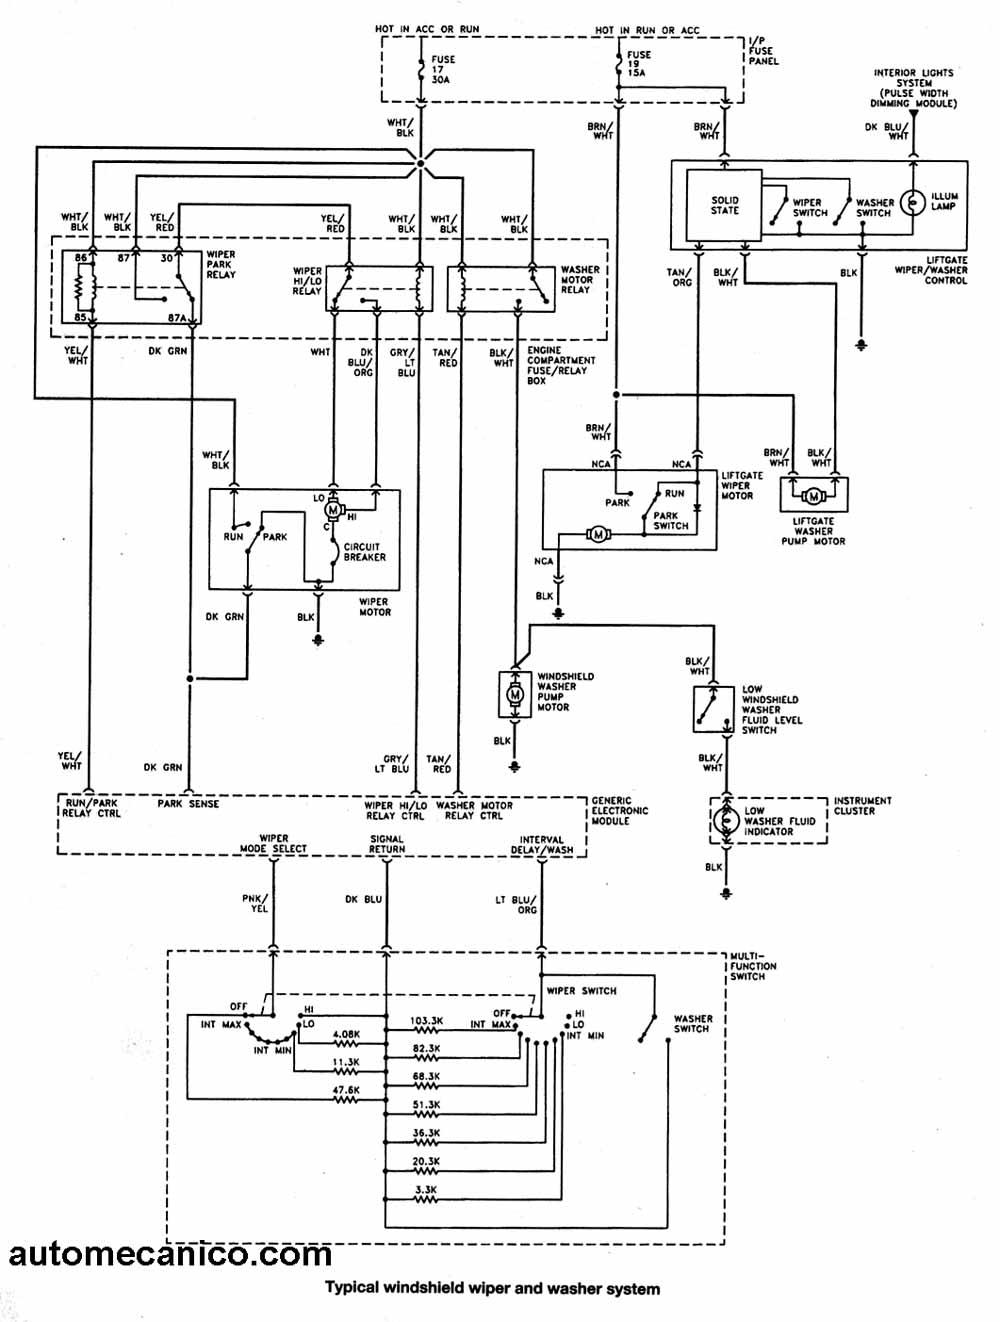 br2020b100 wiring diagram